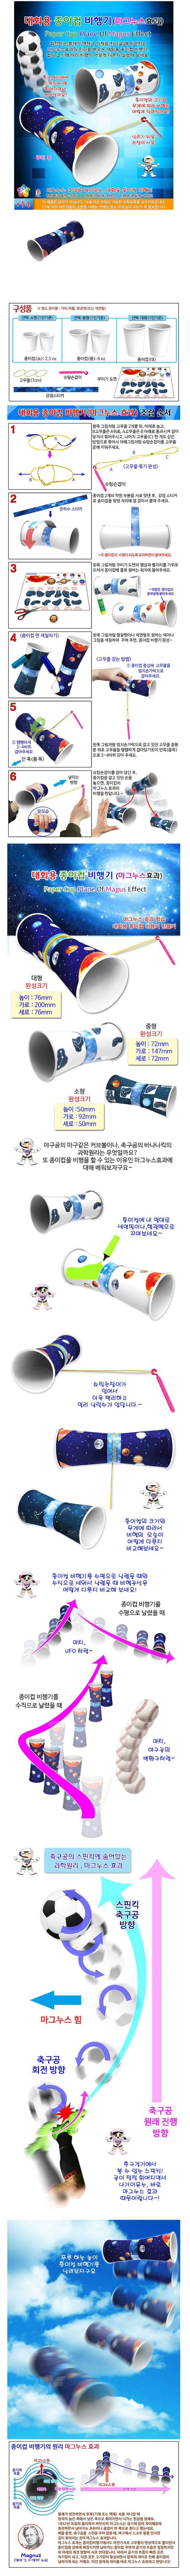 대회용 종이컵비행기 마그누스효과.JPG